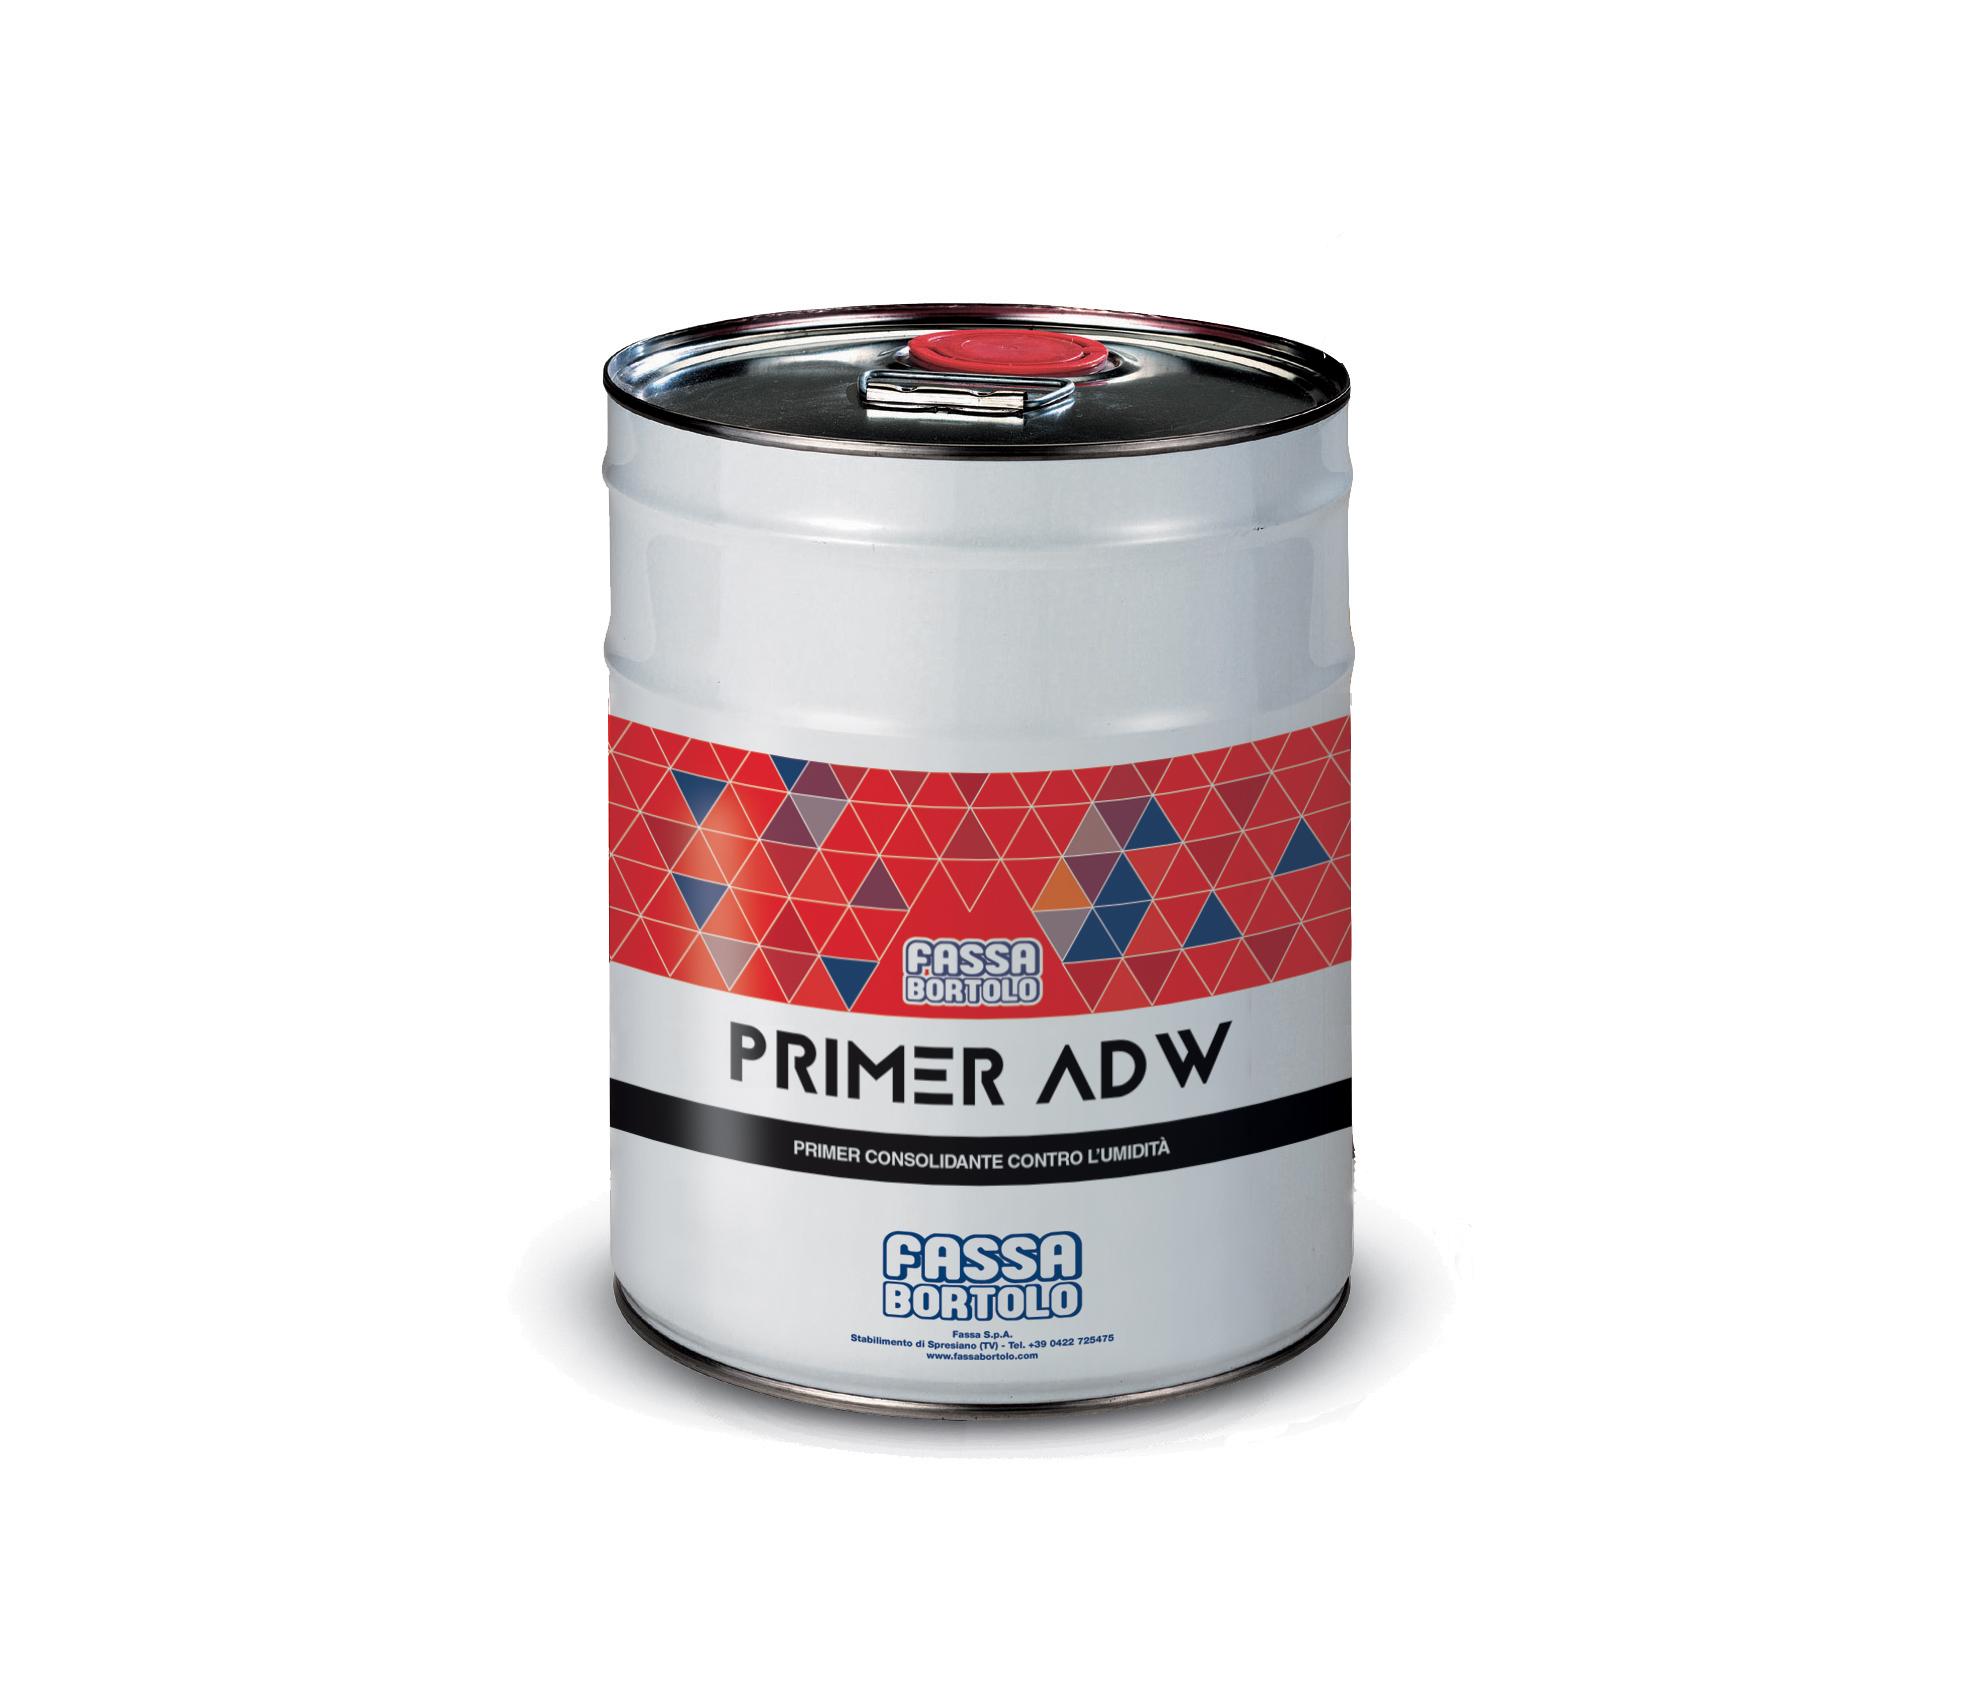 PRIMER ADW: Primer consolidante e impermeabilizzante poliuretanico per massetti